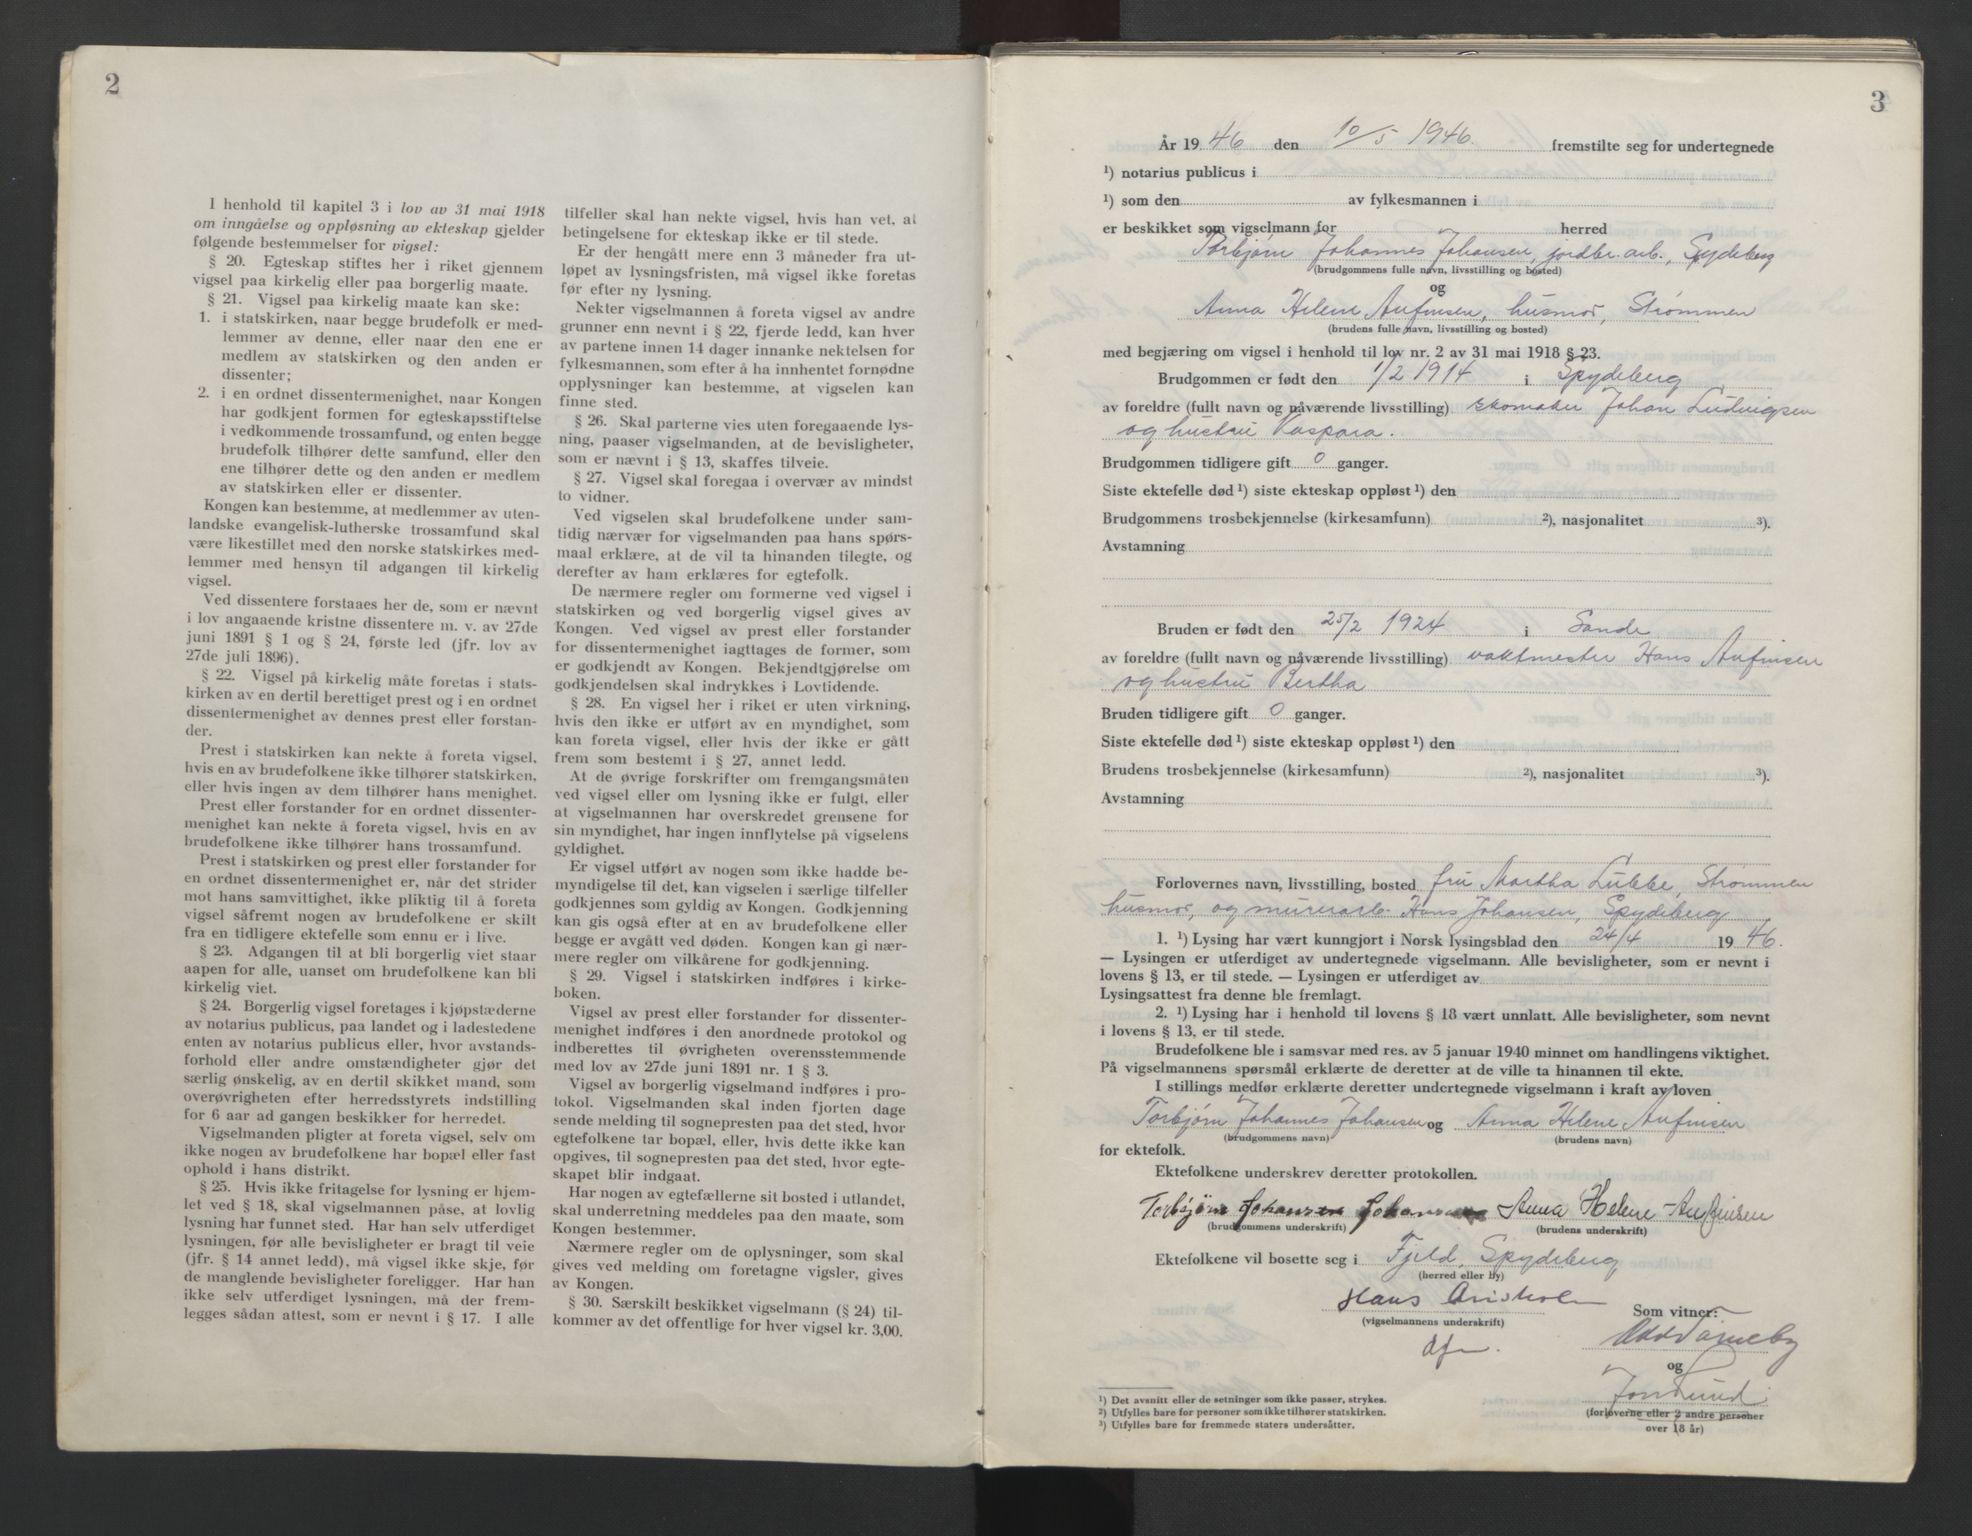 SAO, Nedre Romerike sorenskriveri, L/Lb/L0007: Vigselsbok - borgerlige vielser, 1946-1950, s. 2-3